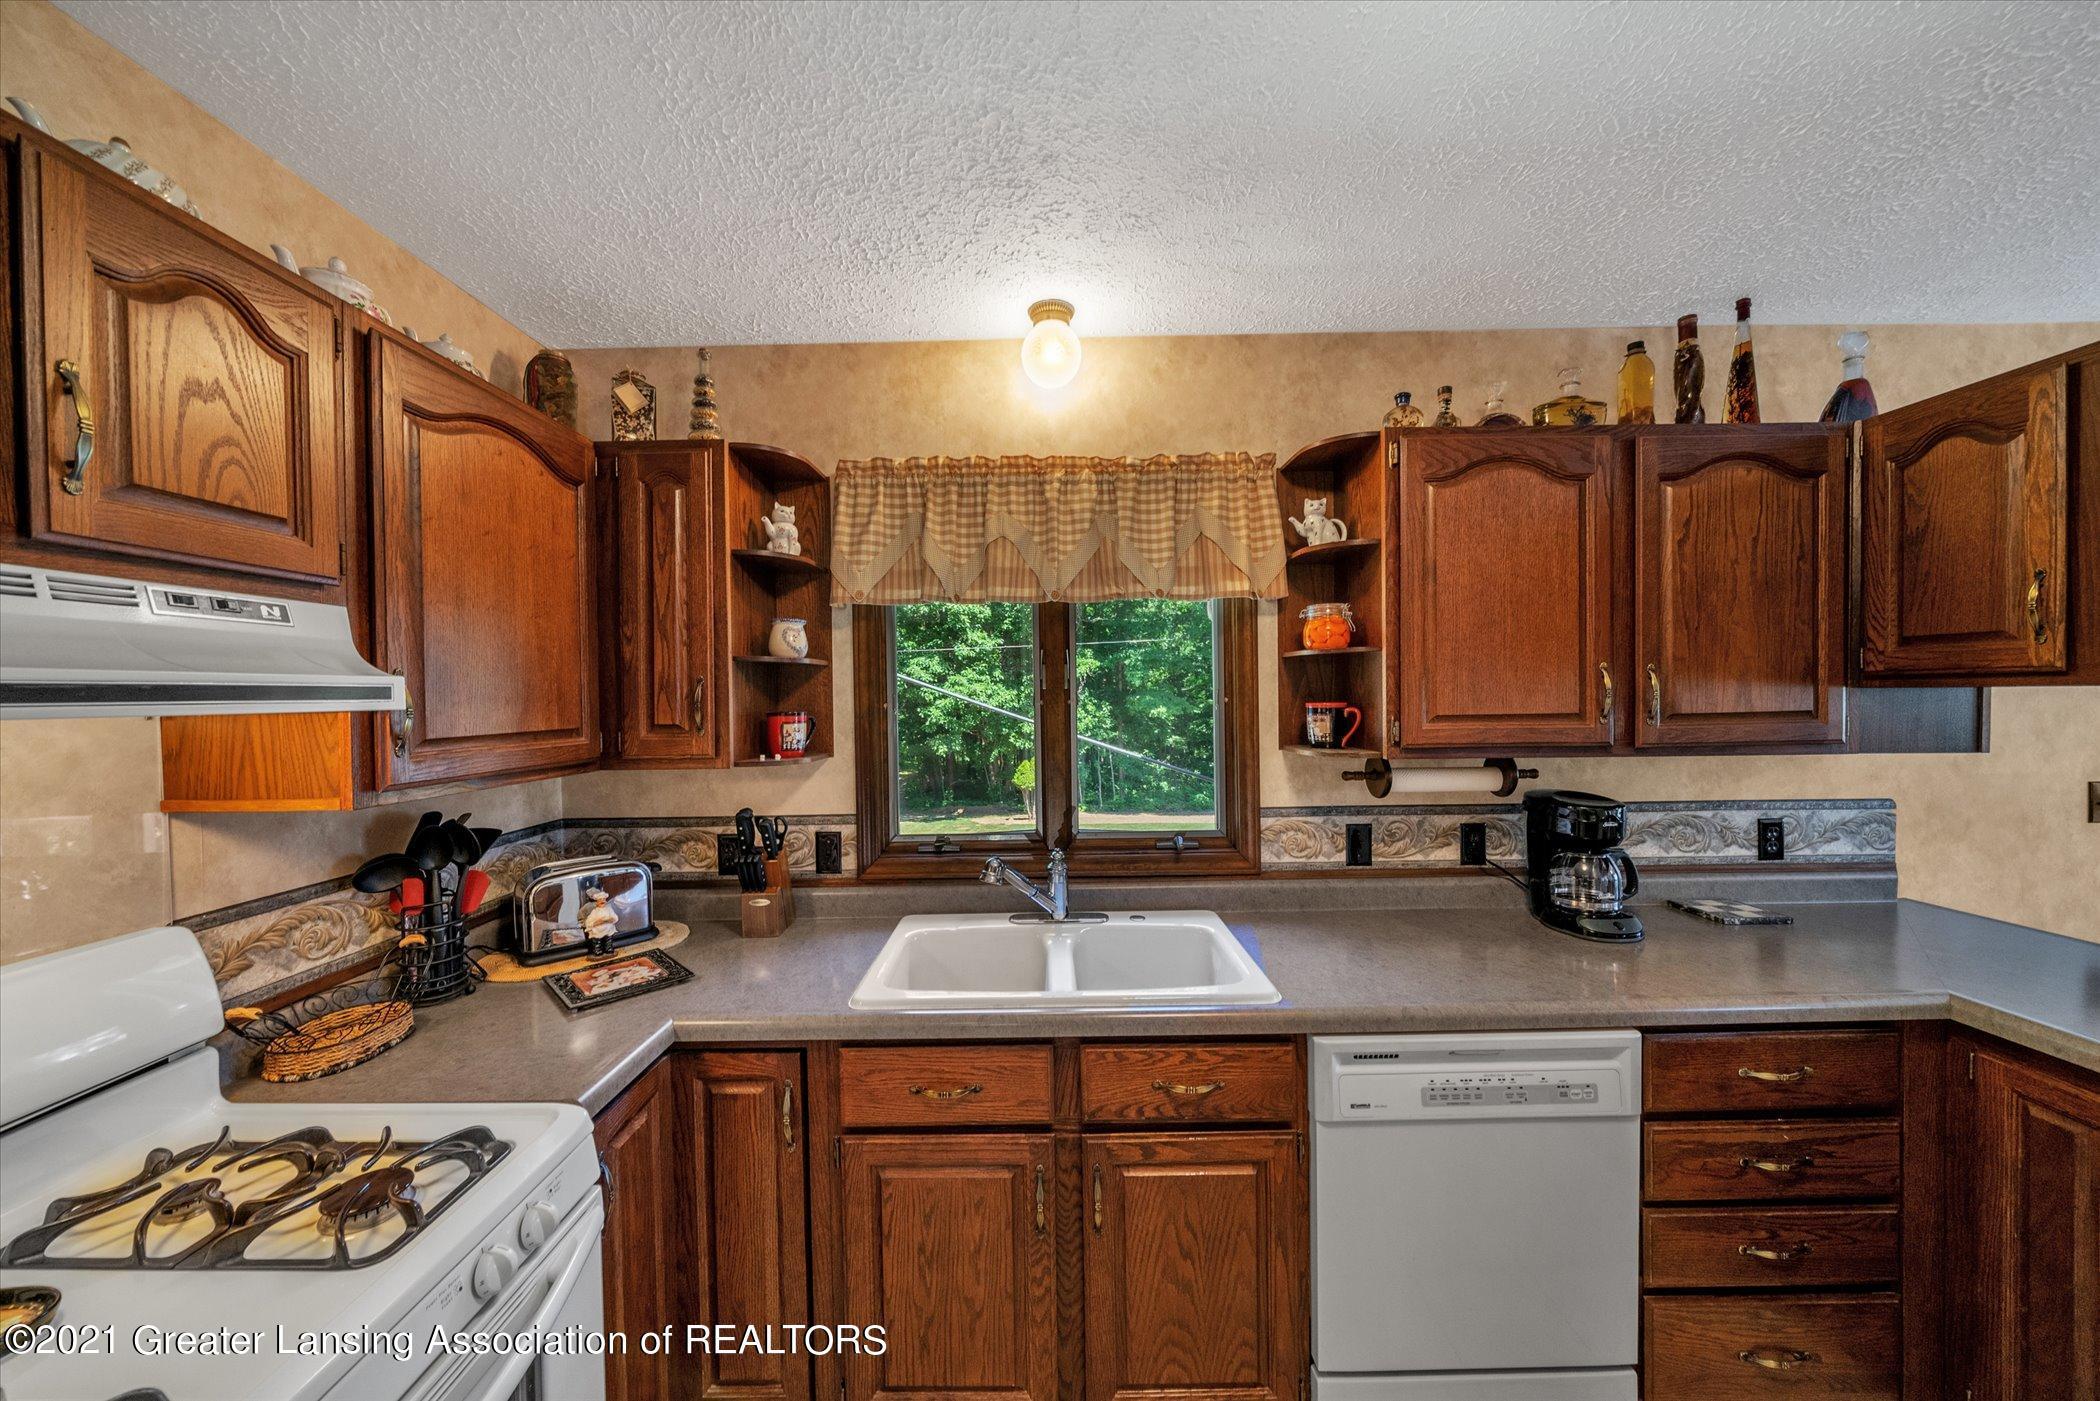 7851 S Cochran Rd - (16) MAIN FLOOR Kitchen - 16